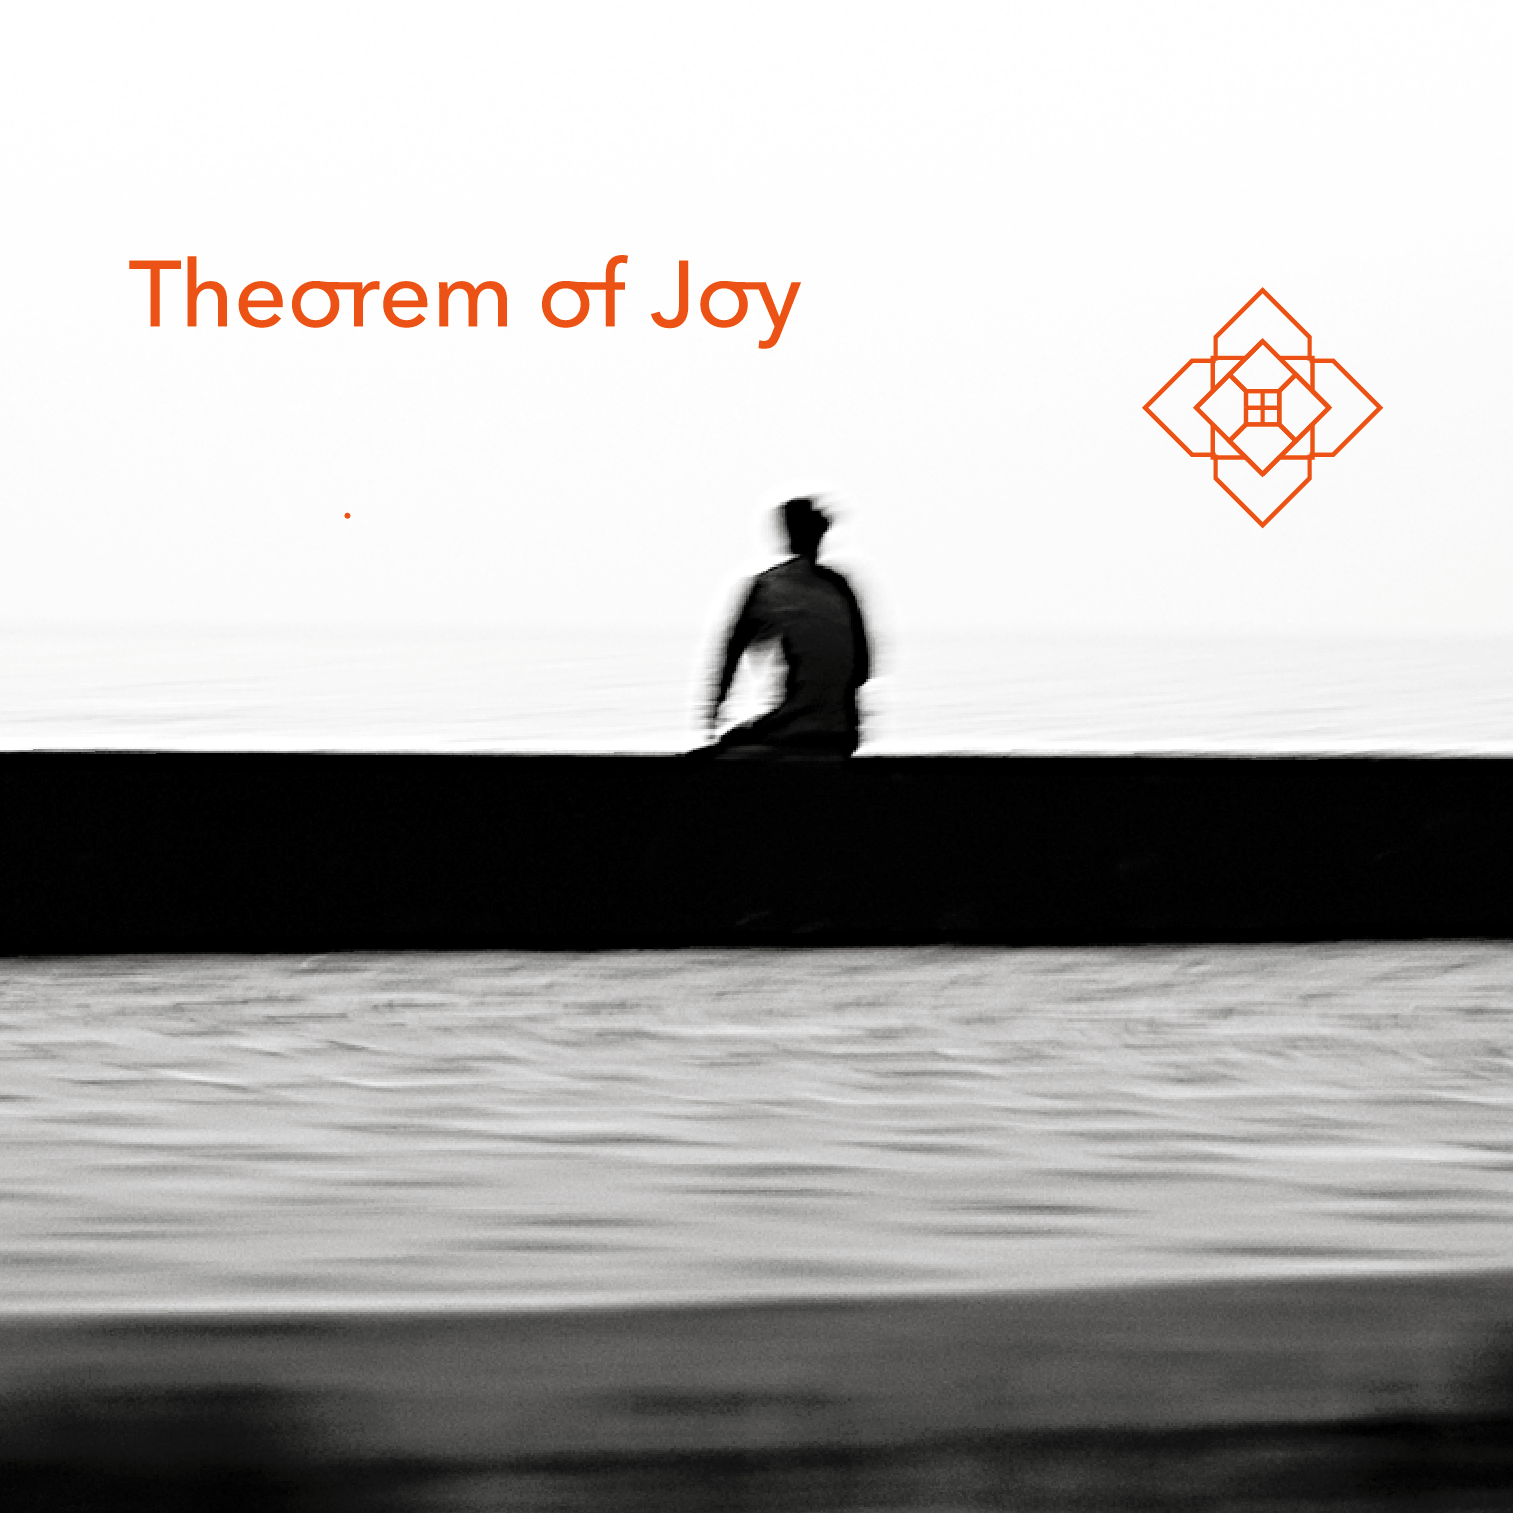 Theorem of Joy   Theorem of joy c'est une immersion dans un univers onirique et impressionniste, Une ballade ou l'on accoste sur plusieurs rives ou chaque histoire et le rouage d'un univers au paysage intime et surprenant... Un Jazz éclatant ou se côtoient sonorités Nord-Africaines, trips post-rock, saveurs suaves de la pop...   http://theoremofjoy.fr